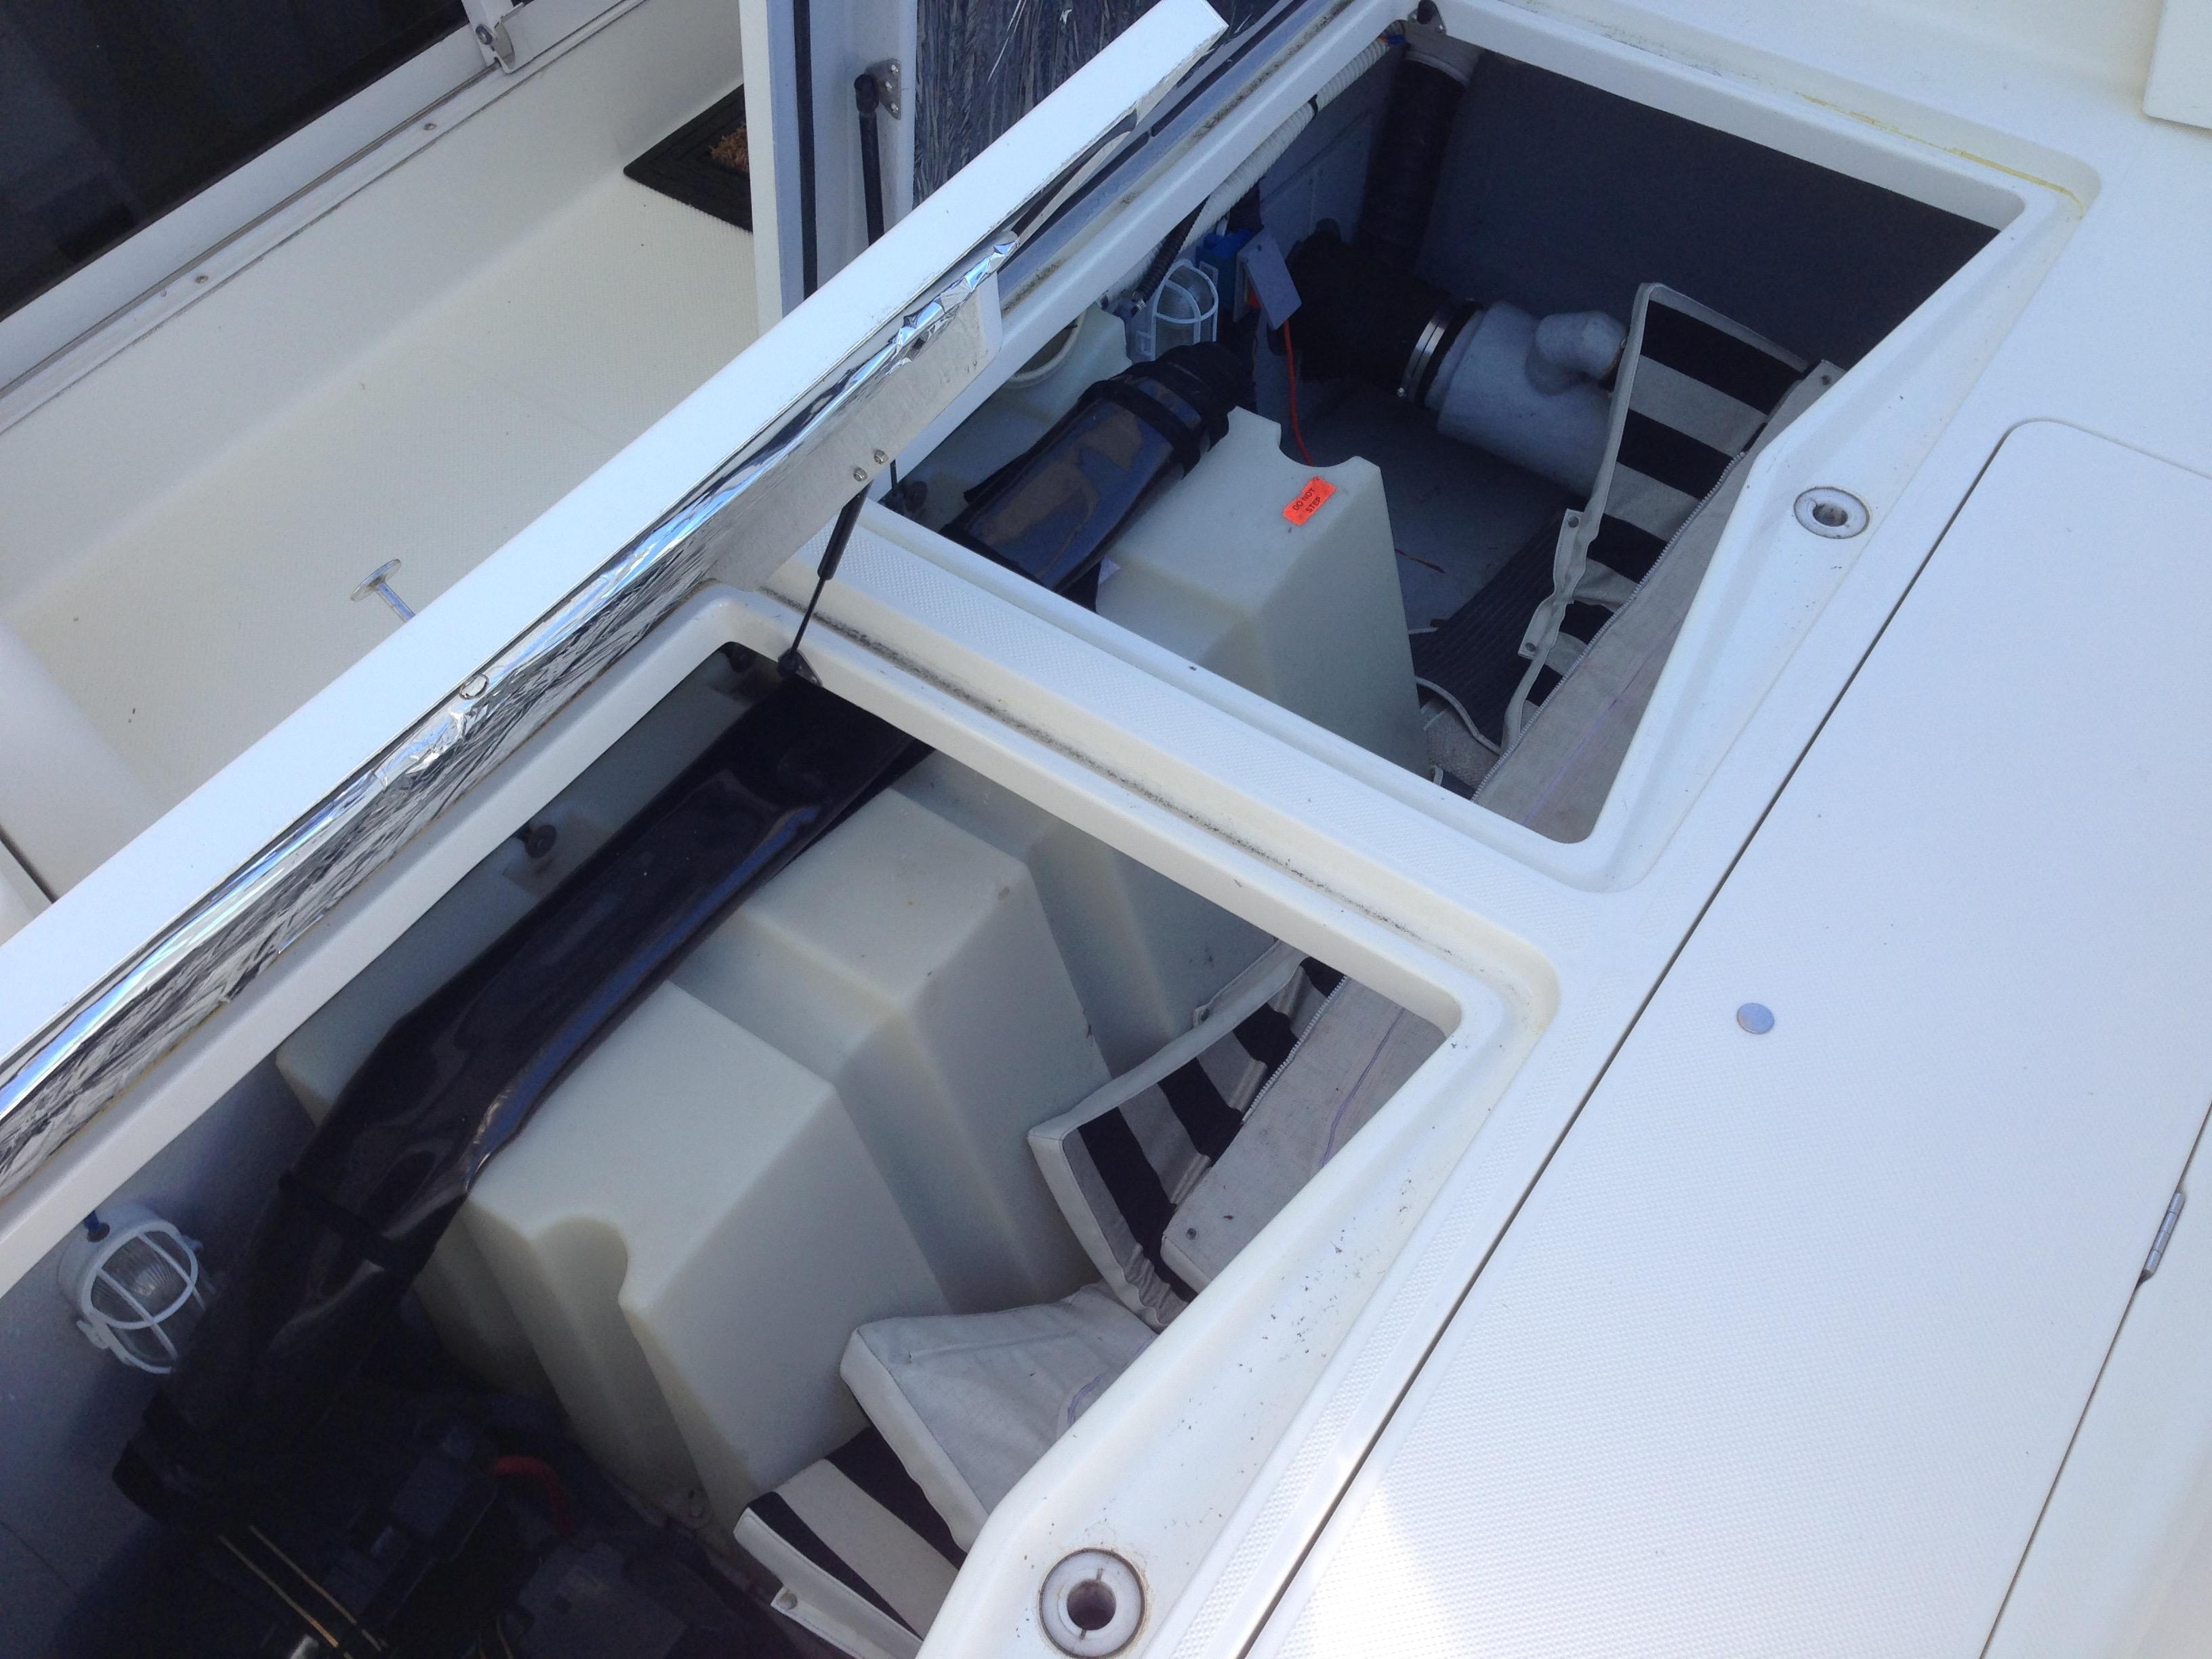 Meridian 411 Sedan - Lazarette Storage